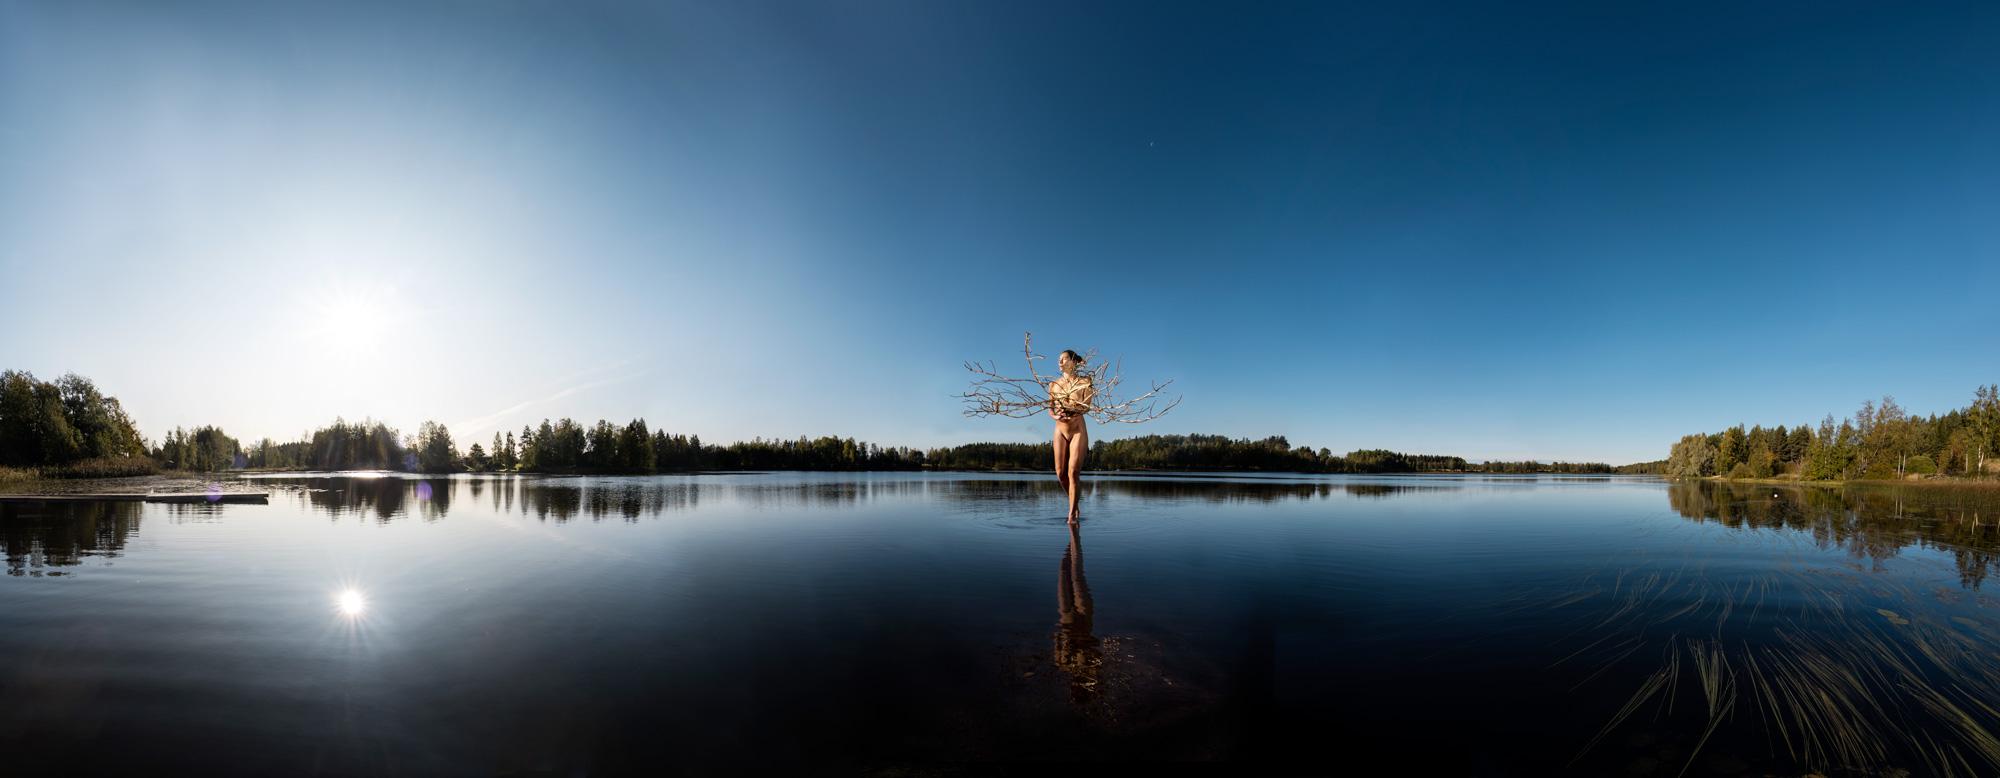 KÄÄNNA JUURI X. Fotografía y retoque digital. Lago Mustianoja, Hämeenkyrö, Finlandia